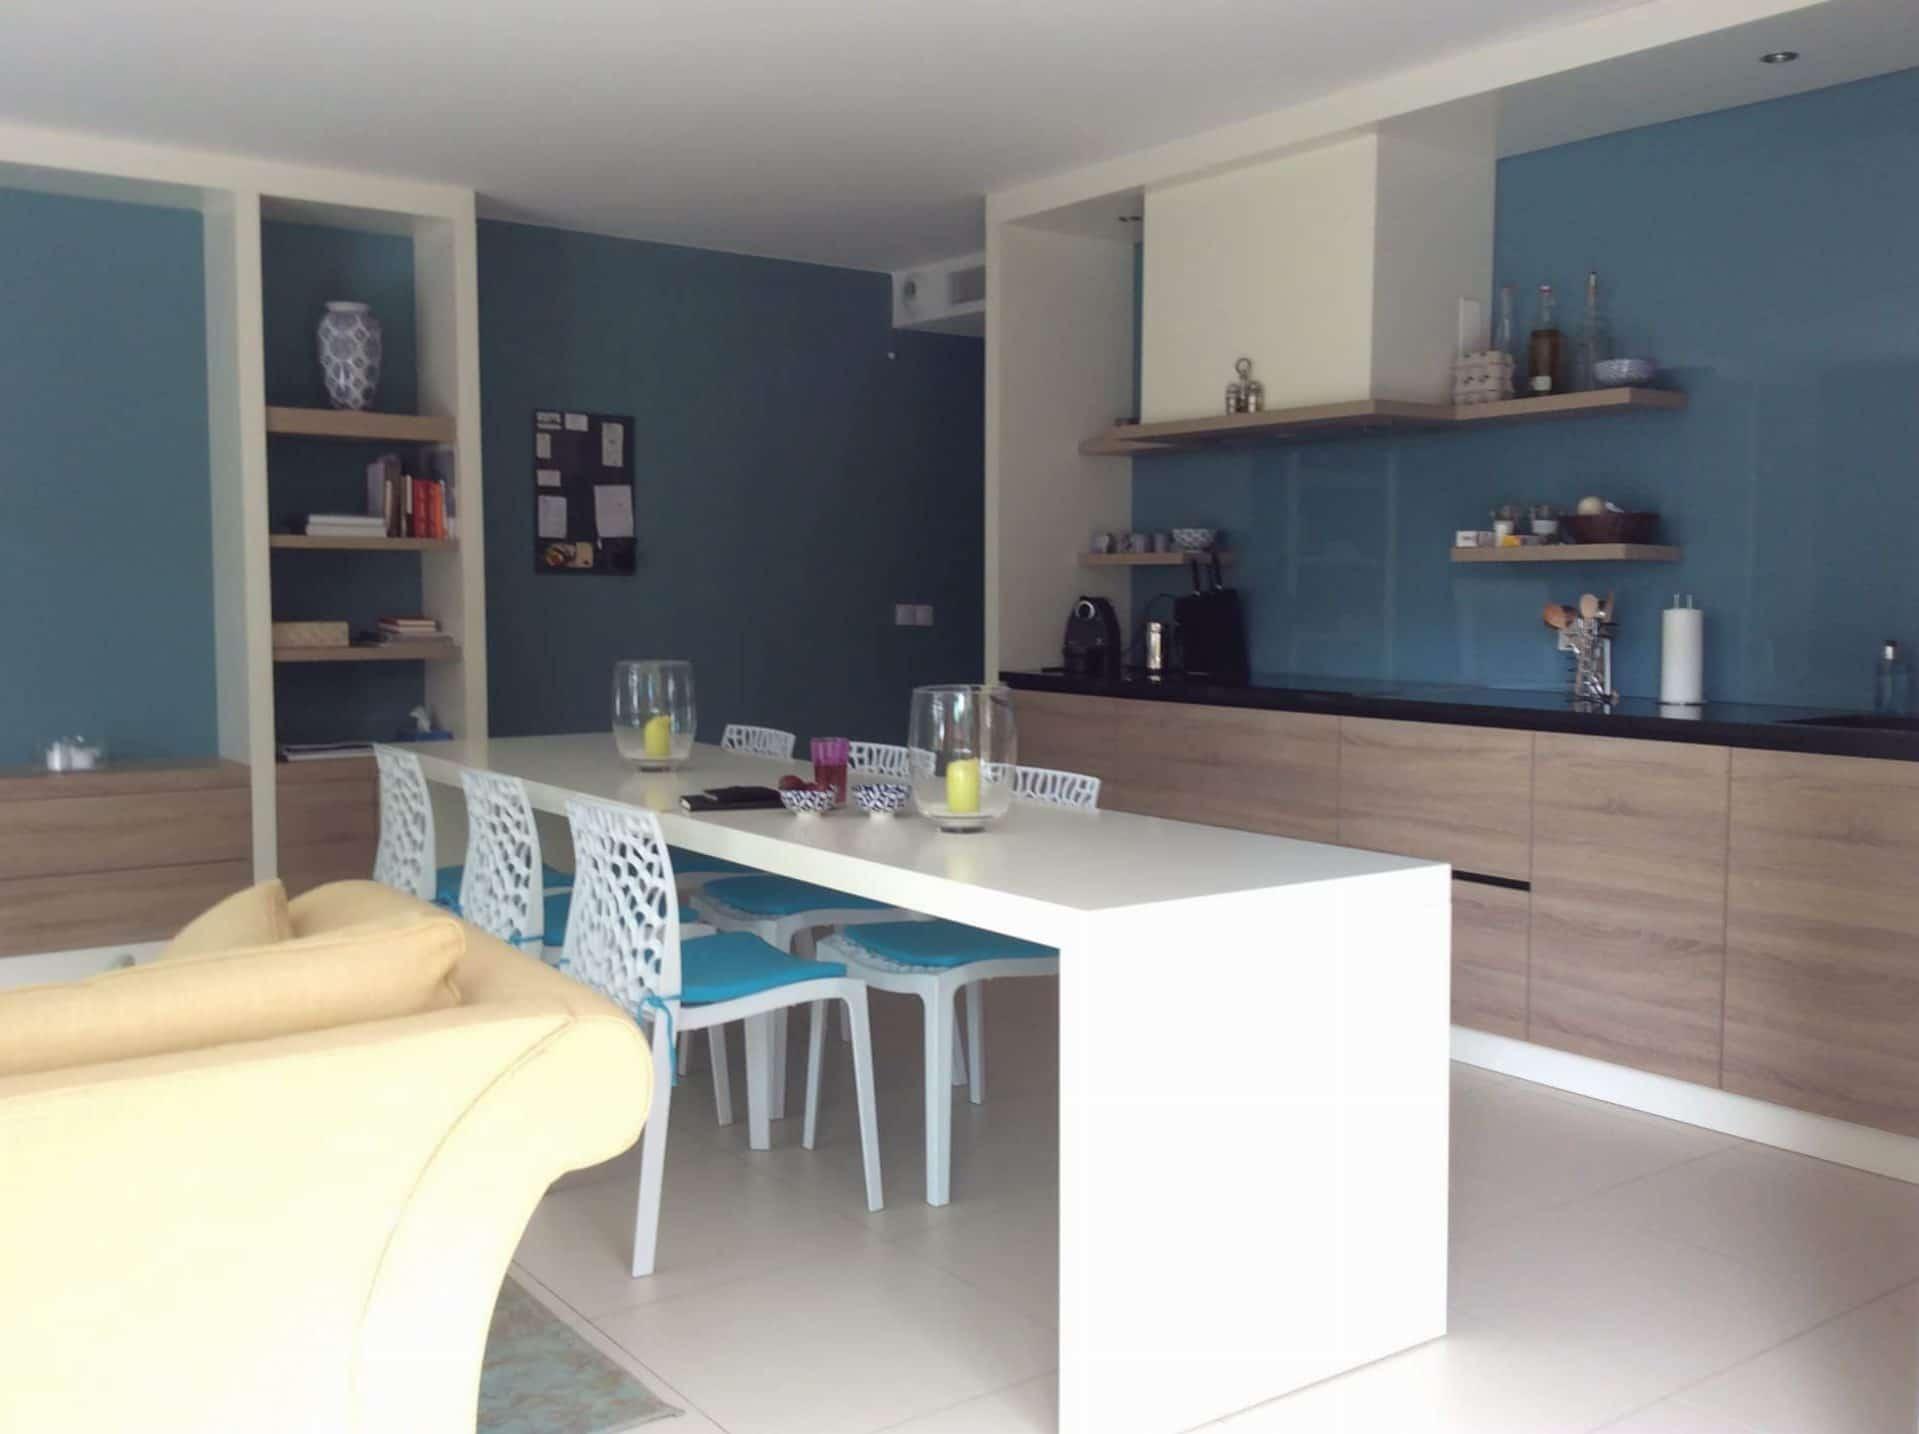 Meubelmaatwerk keuken met gekleurd glazen achterwand